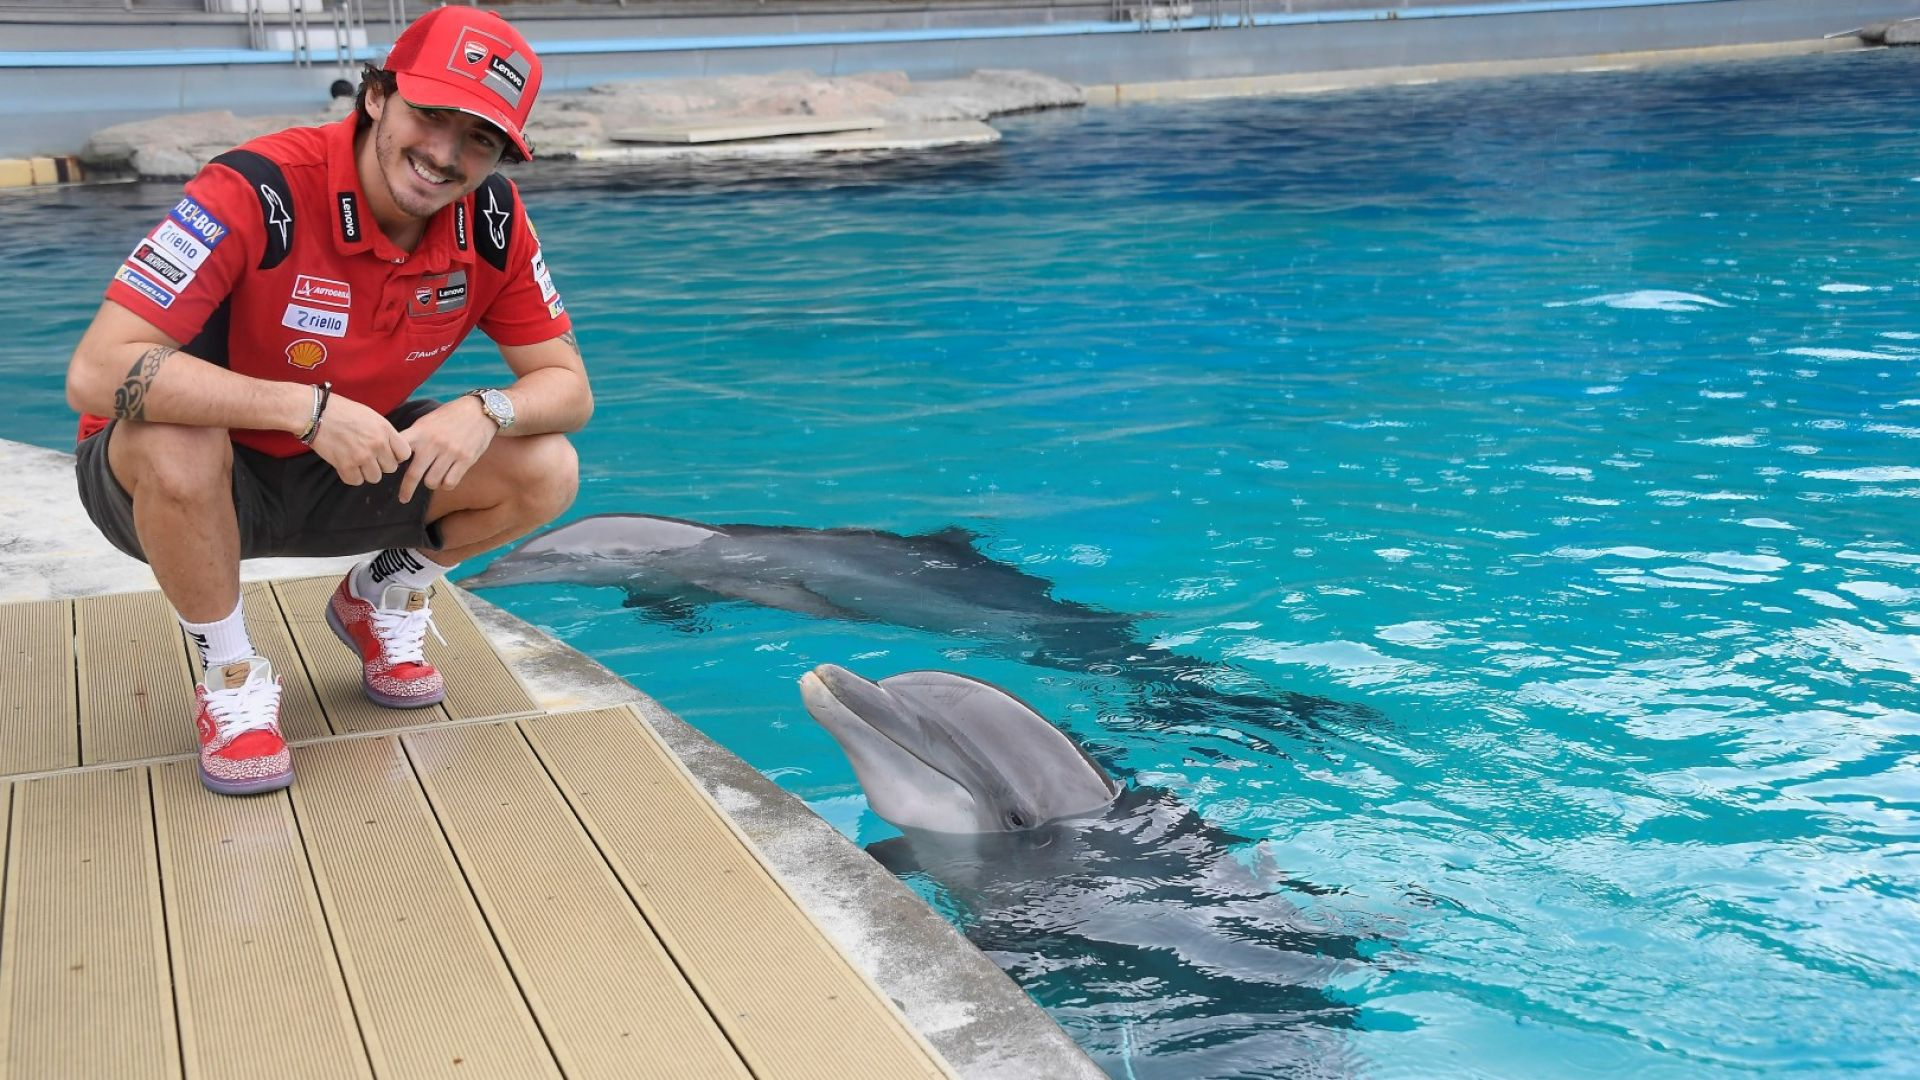 Асовете от Moto GP влязоха в една различна надпревара - с делфини